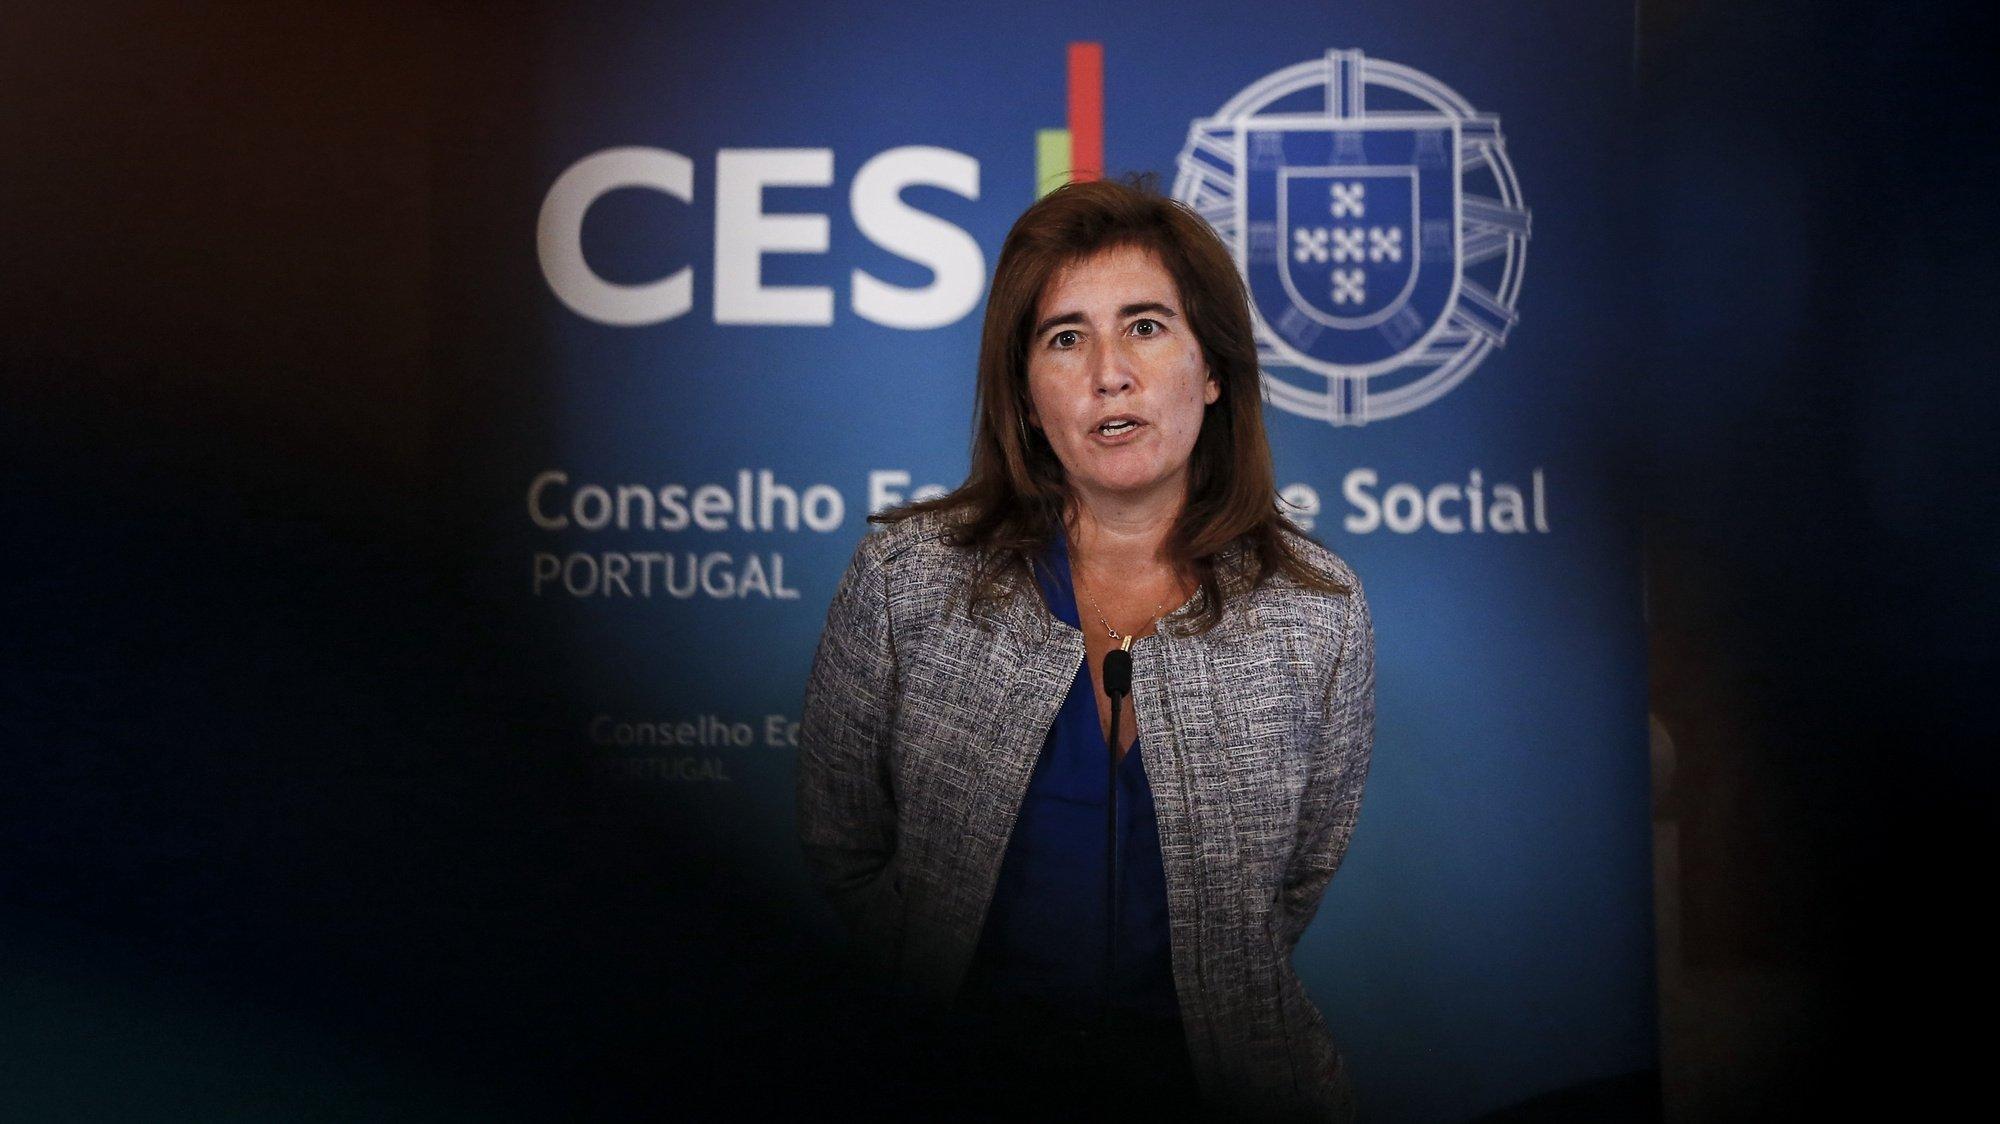 A ministra do Trabalho, Solidariedade e Segurança Social, Ana Mendes Godinho, em declarações à comunicação social após a reunião da Comissão Permanente de Concertação Social realizada no Palácio da Ajuda, em Lisboa, 2 de setembro de 2020. RODRIGO ANTUNES/LUSA